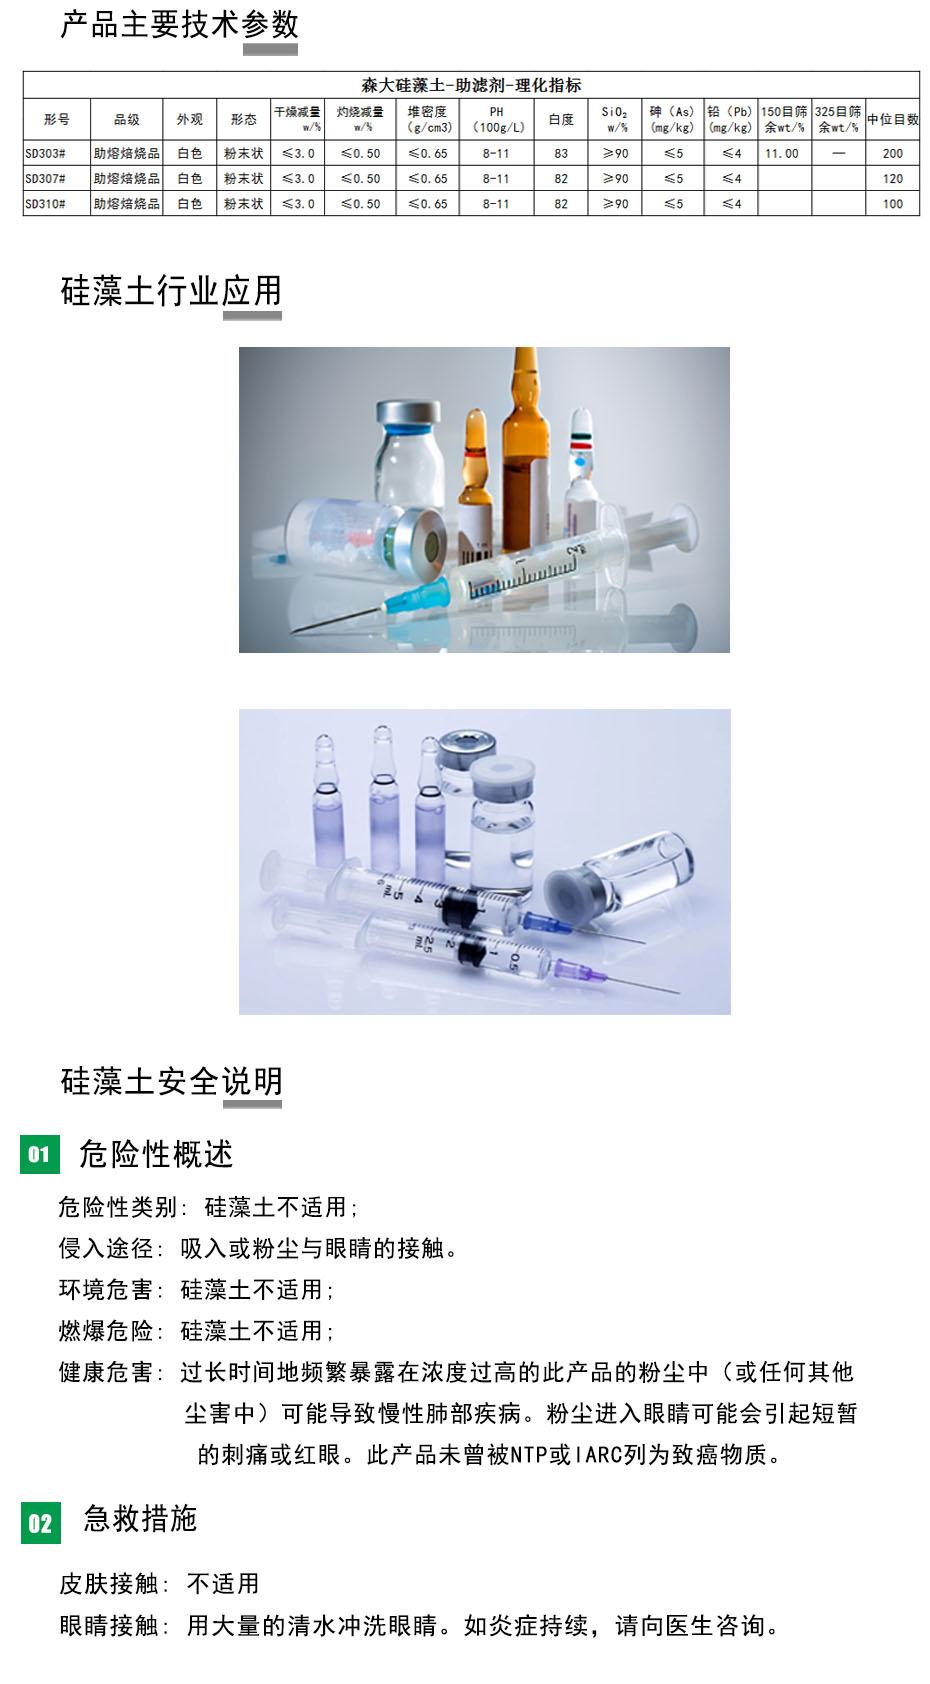 网站详情-白色颗粒 医用吸附剂.jpg